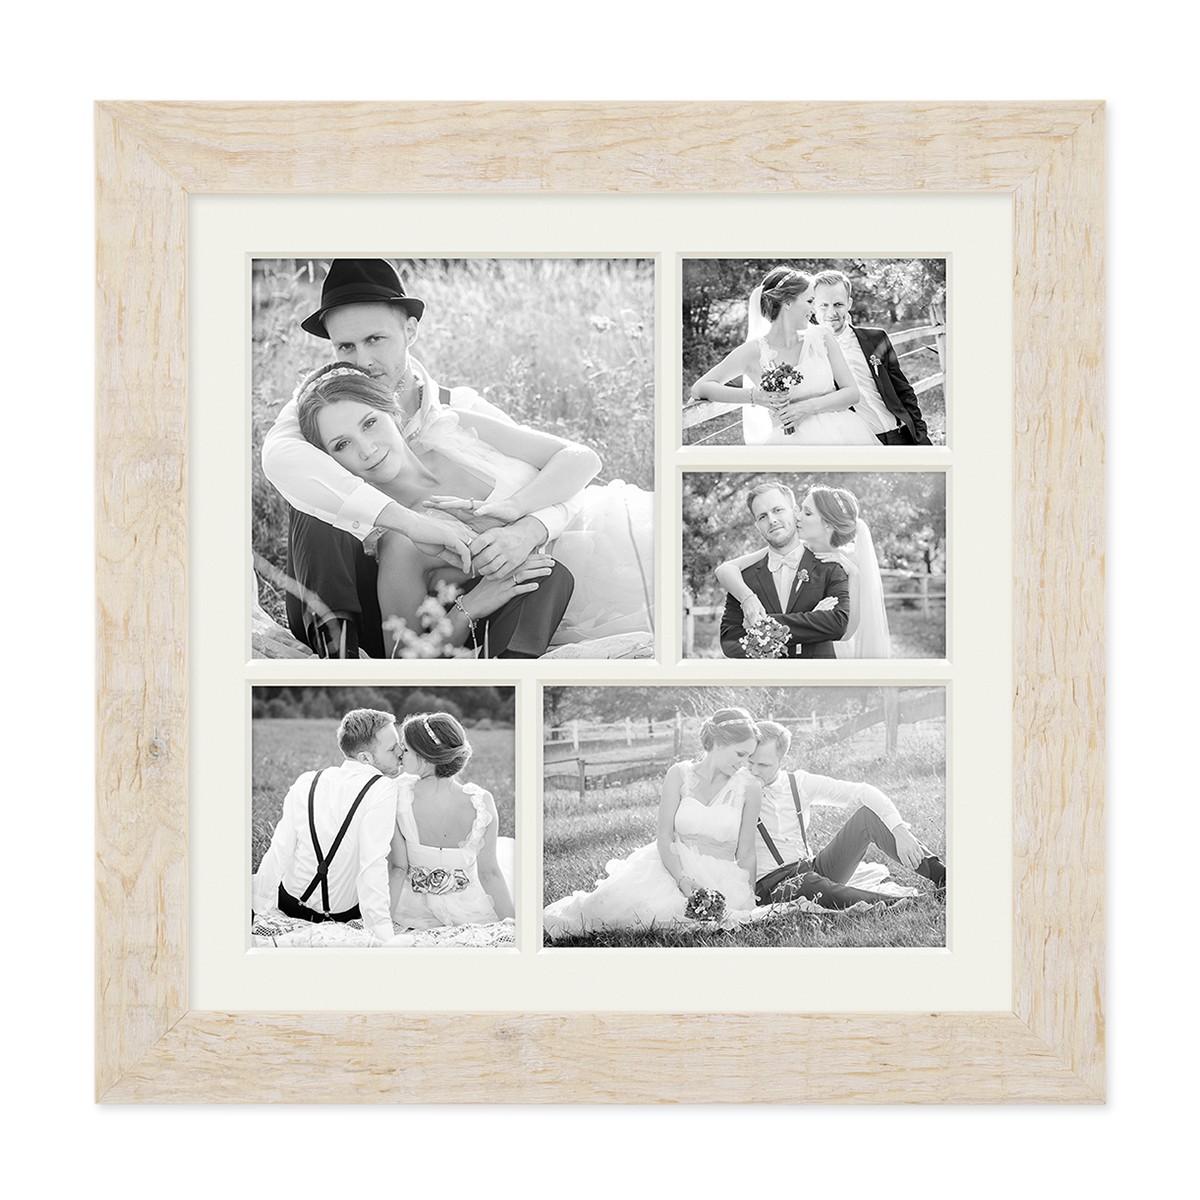 Fotocollage-Bilderrahmen 30x30 cm im Strandhaus-Stil Weiss ...